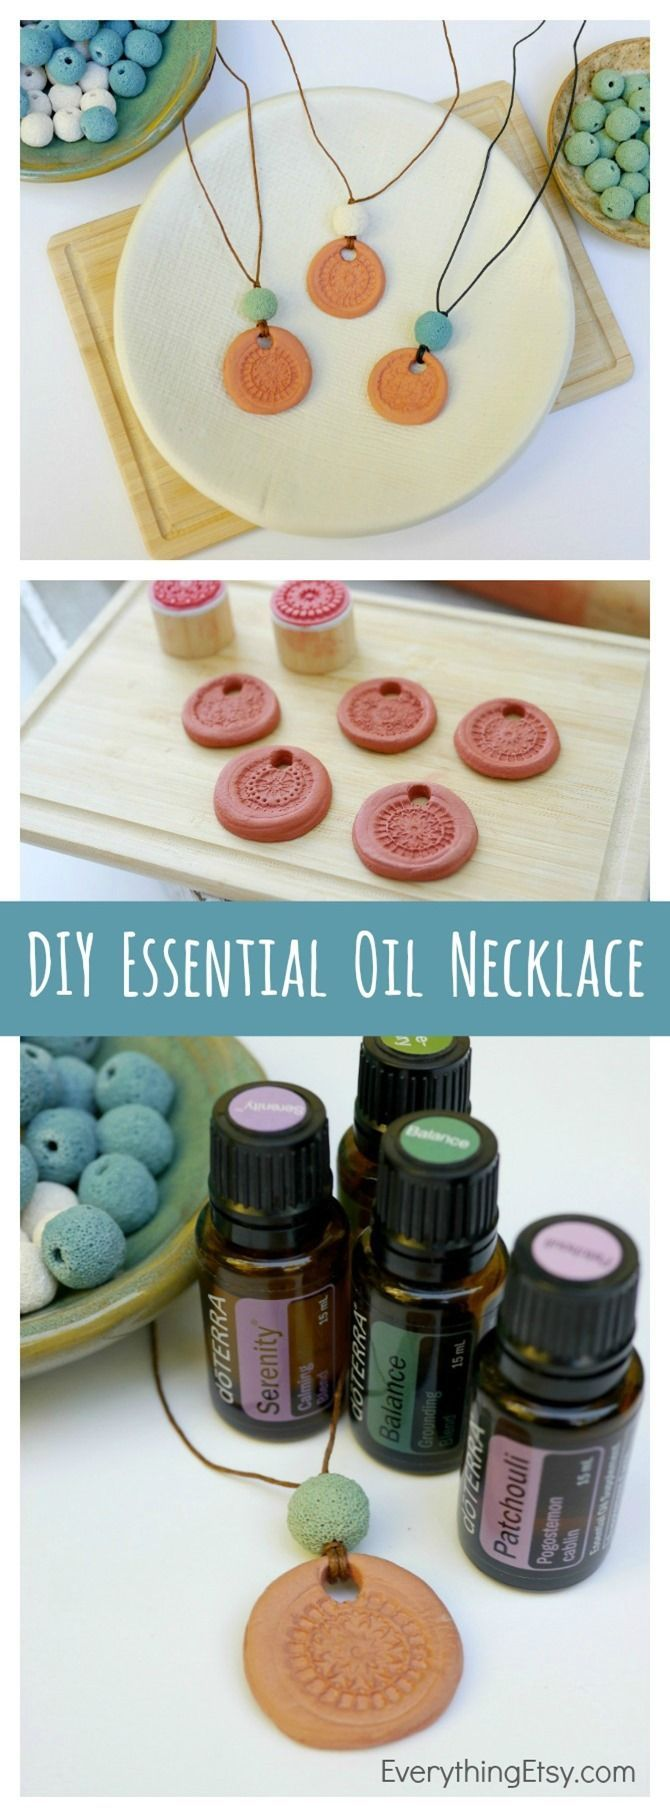 DIY Essential Oil Necklace Using doTERRA Essential Oils - EverythingEtsy.com